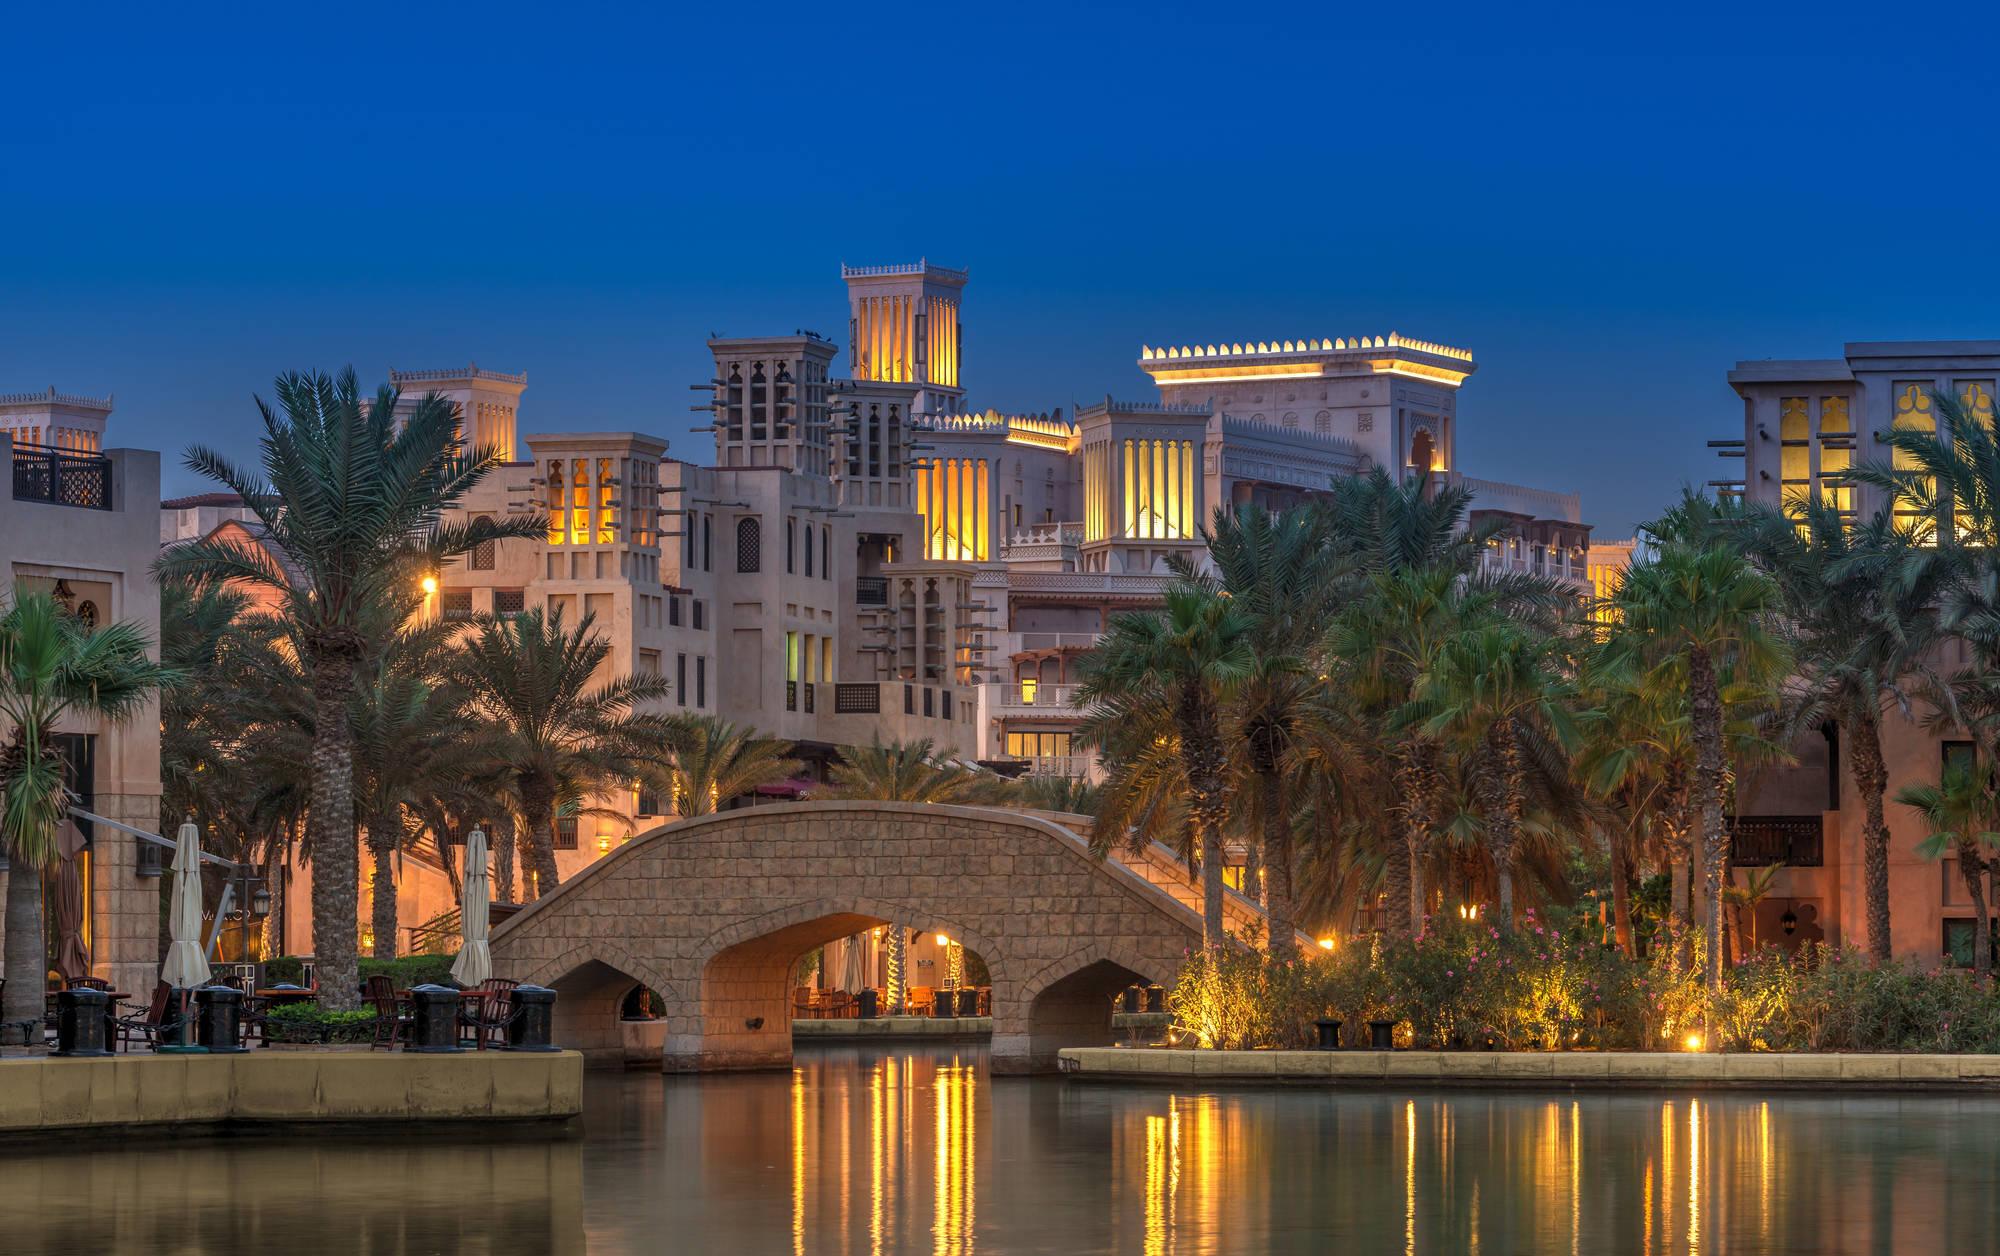 Jumeirah Al Qasr ,